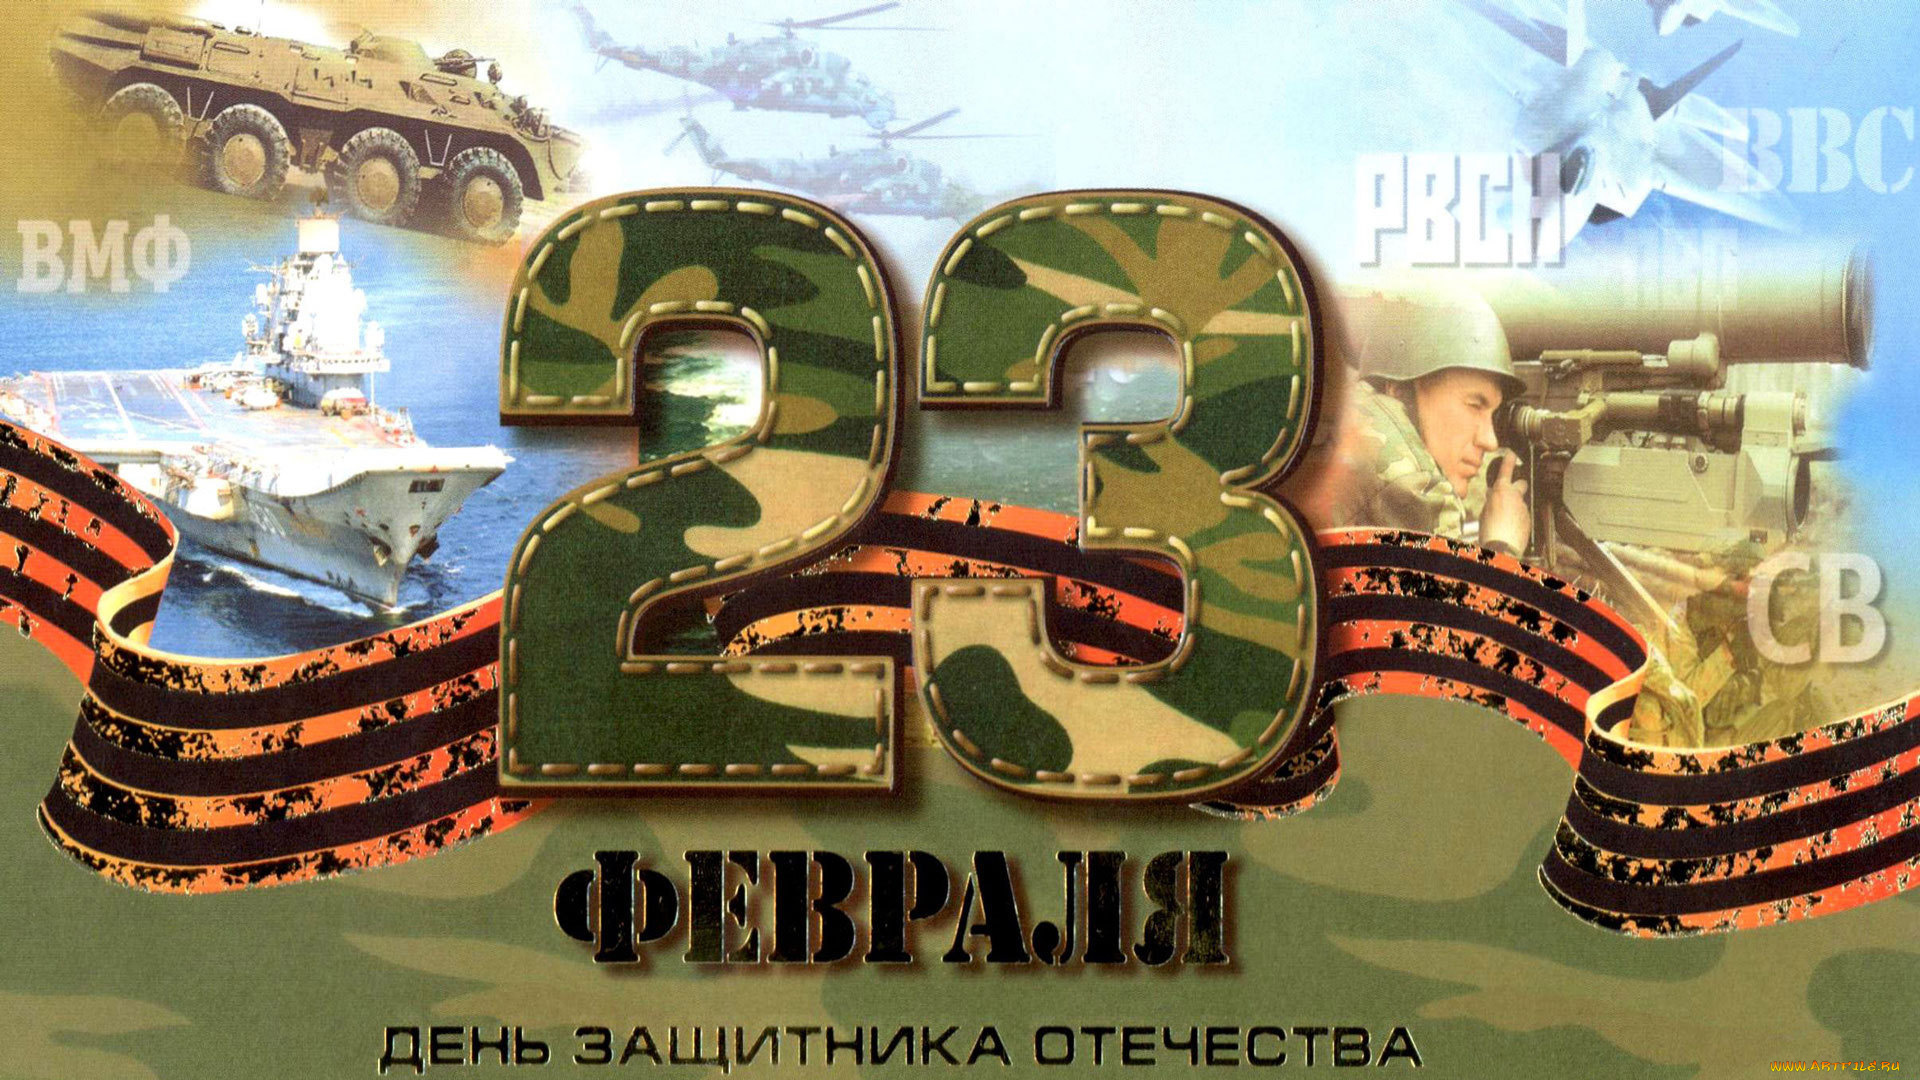 Исполнение желаний, картинки на день защитника отечества 23